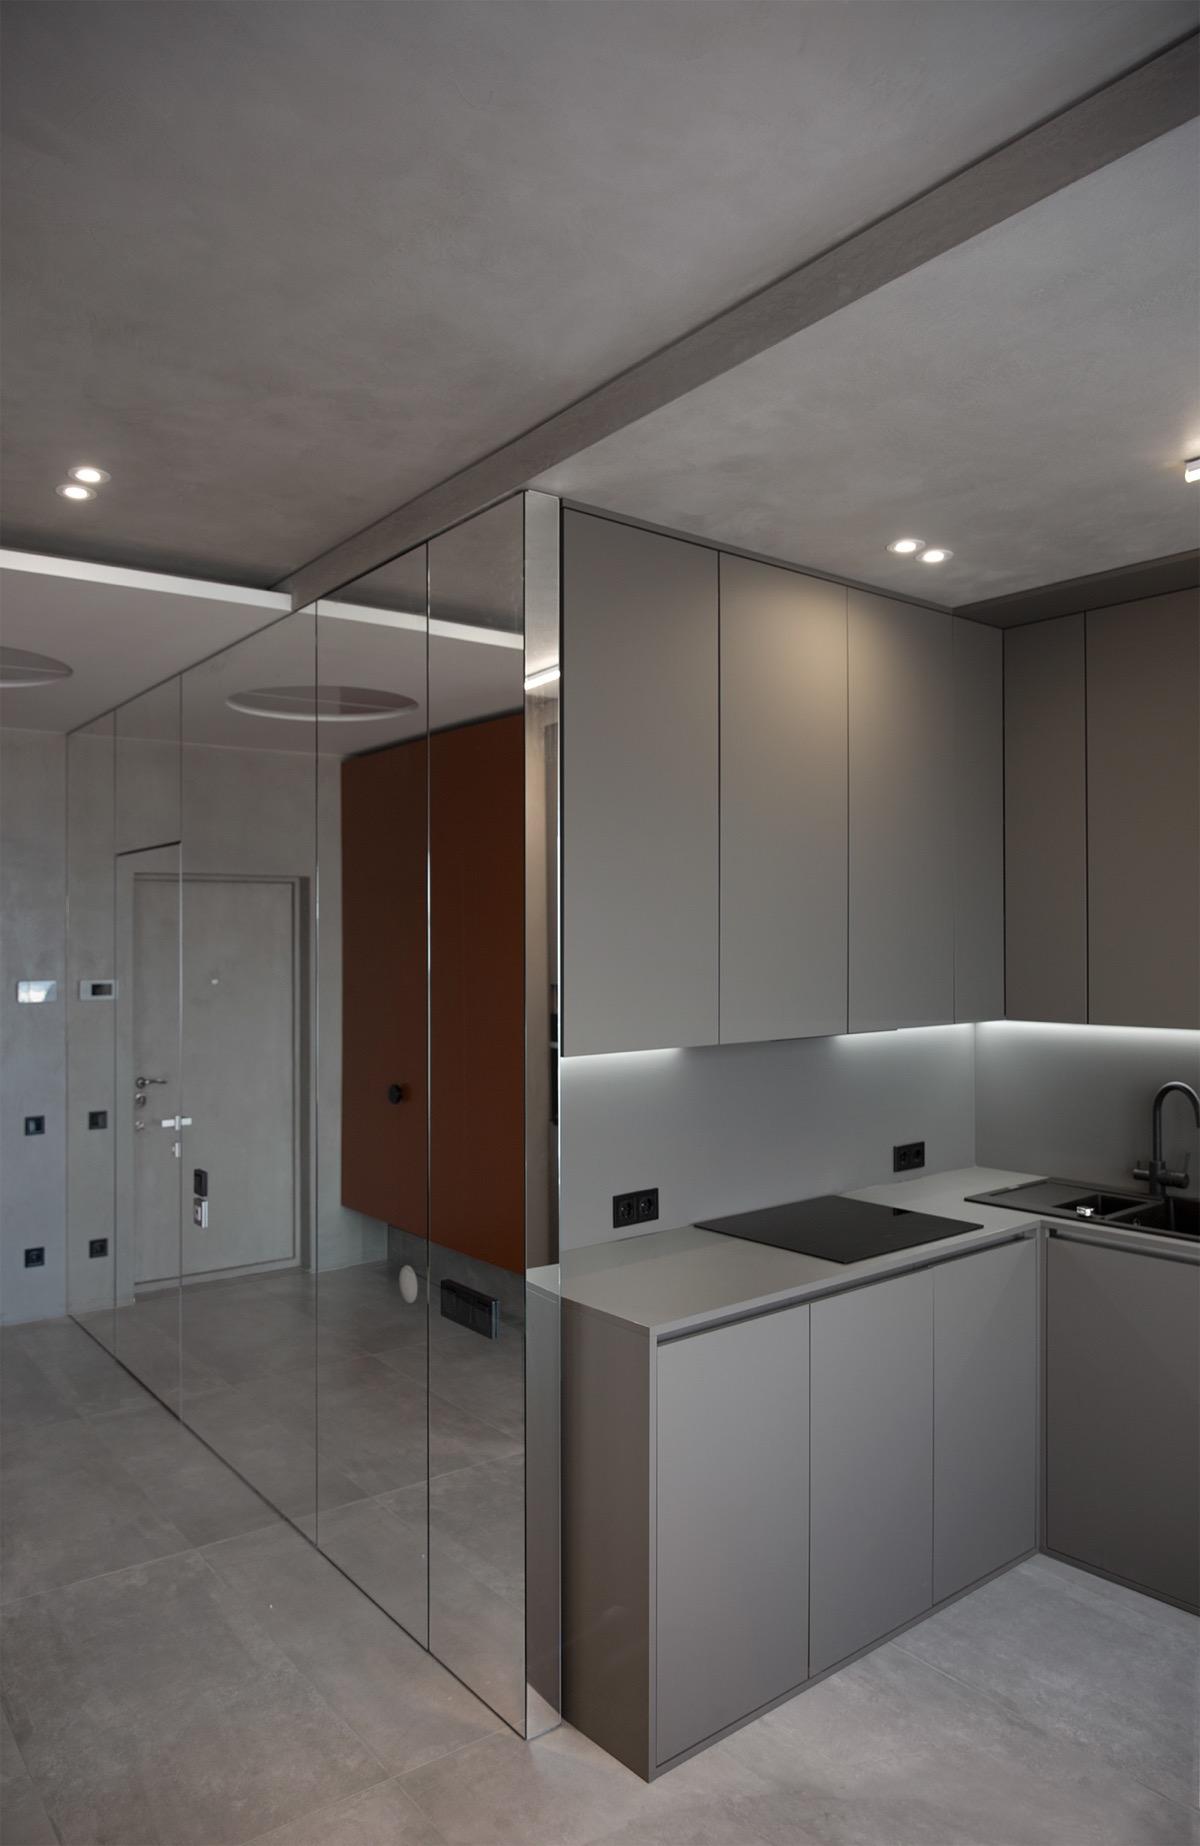 Маленькие квартиры с креативной планировкой: фото-идеи по организации пространства